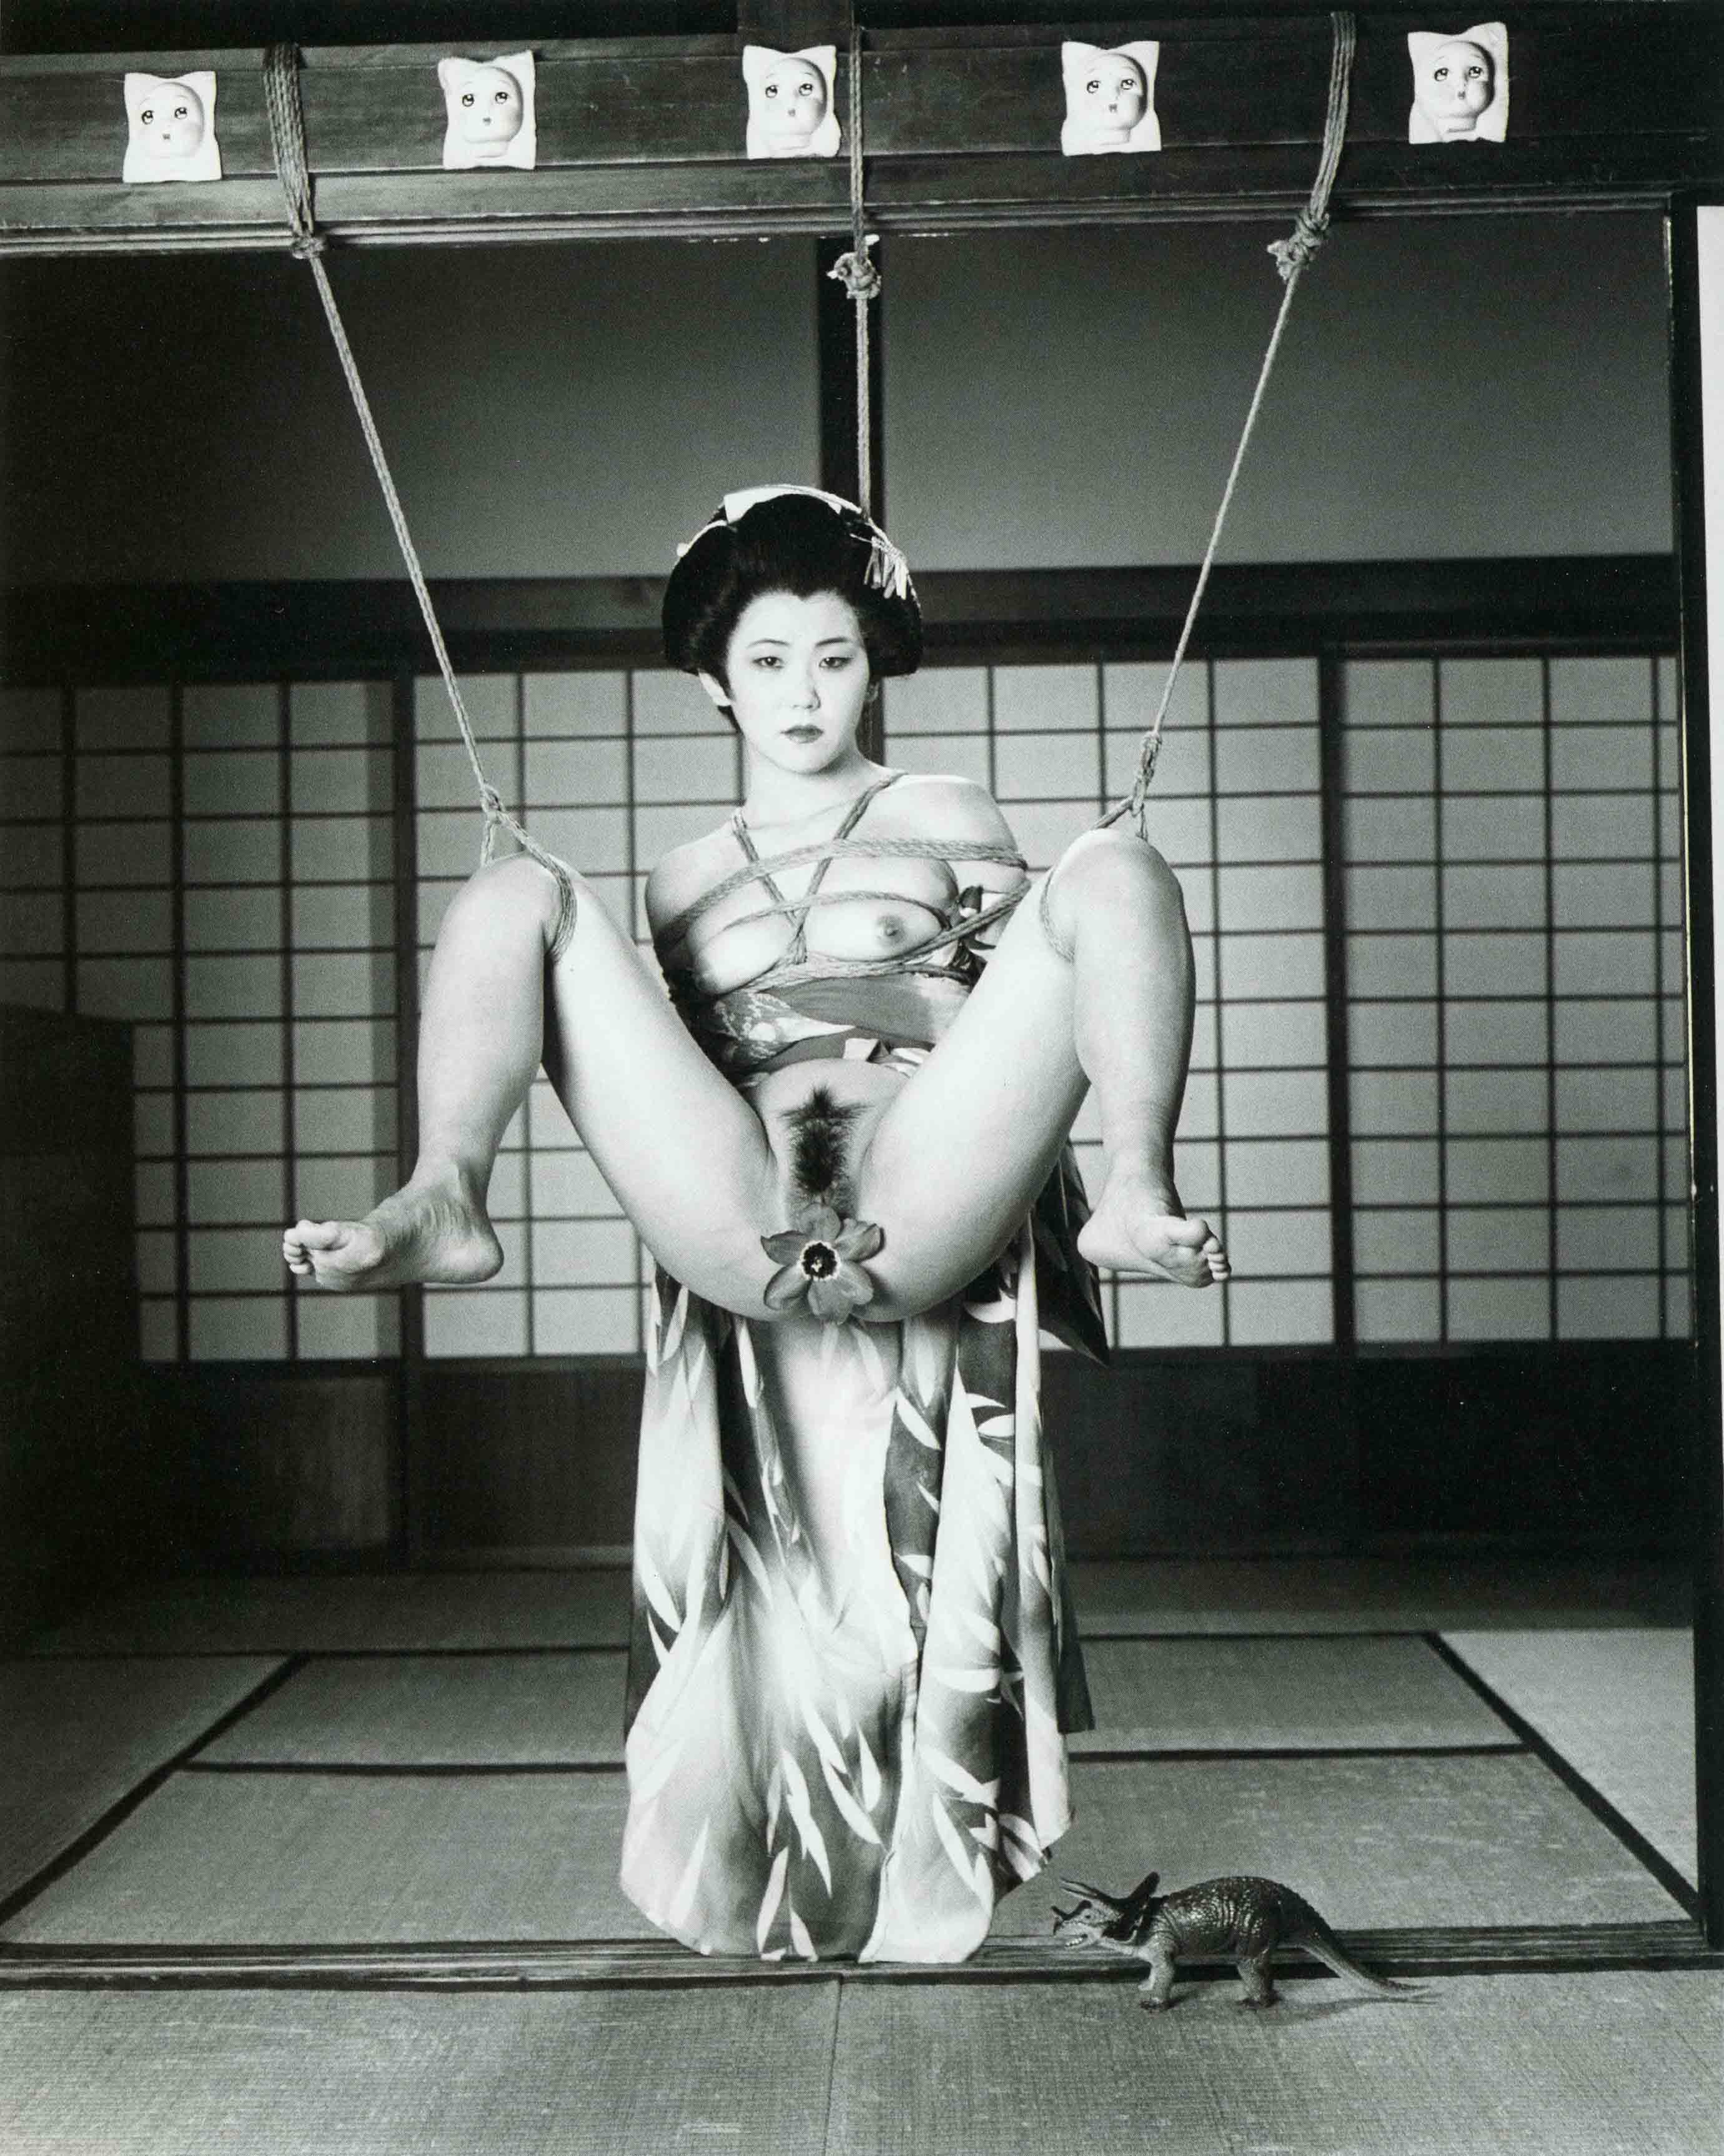 Nobuyoshi Araki, Tokyo Comedy, 1997, Private Collection, New York